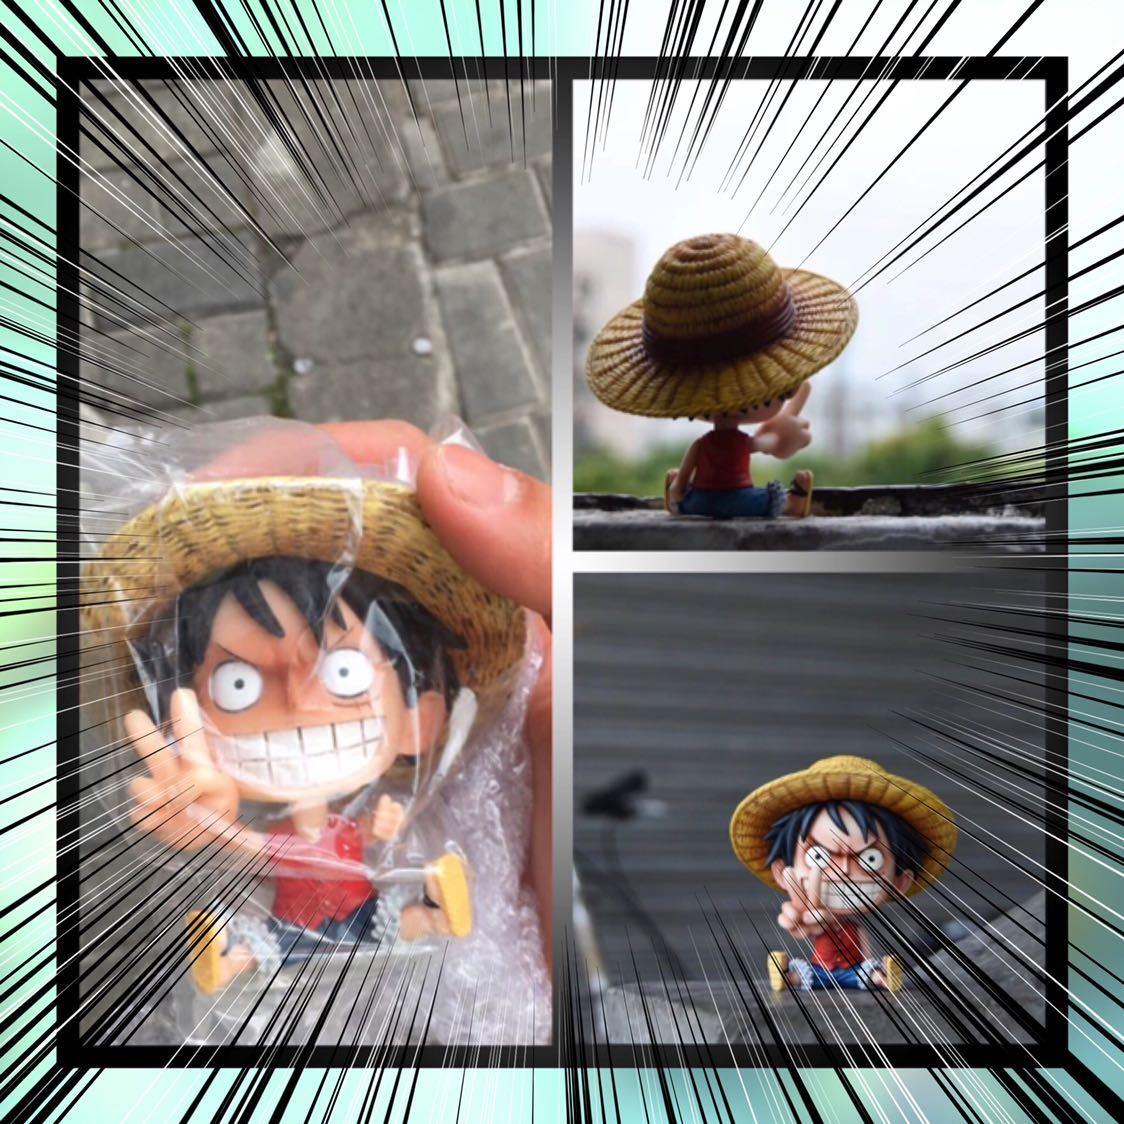 ワンピース 日本未発売 希少品 海外限定品 フィギュア ルフィ エース ゾロ サボ チョッパー サンジ 手のひらサイズ 重さあり作り精巧です☆_画像3